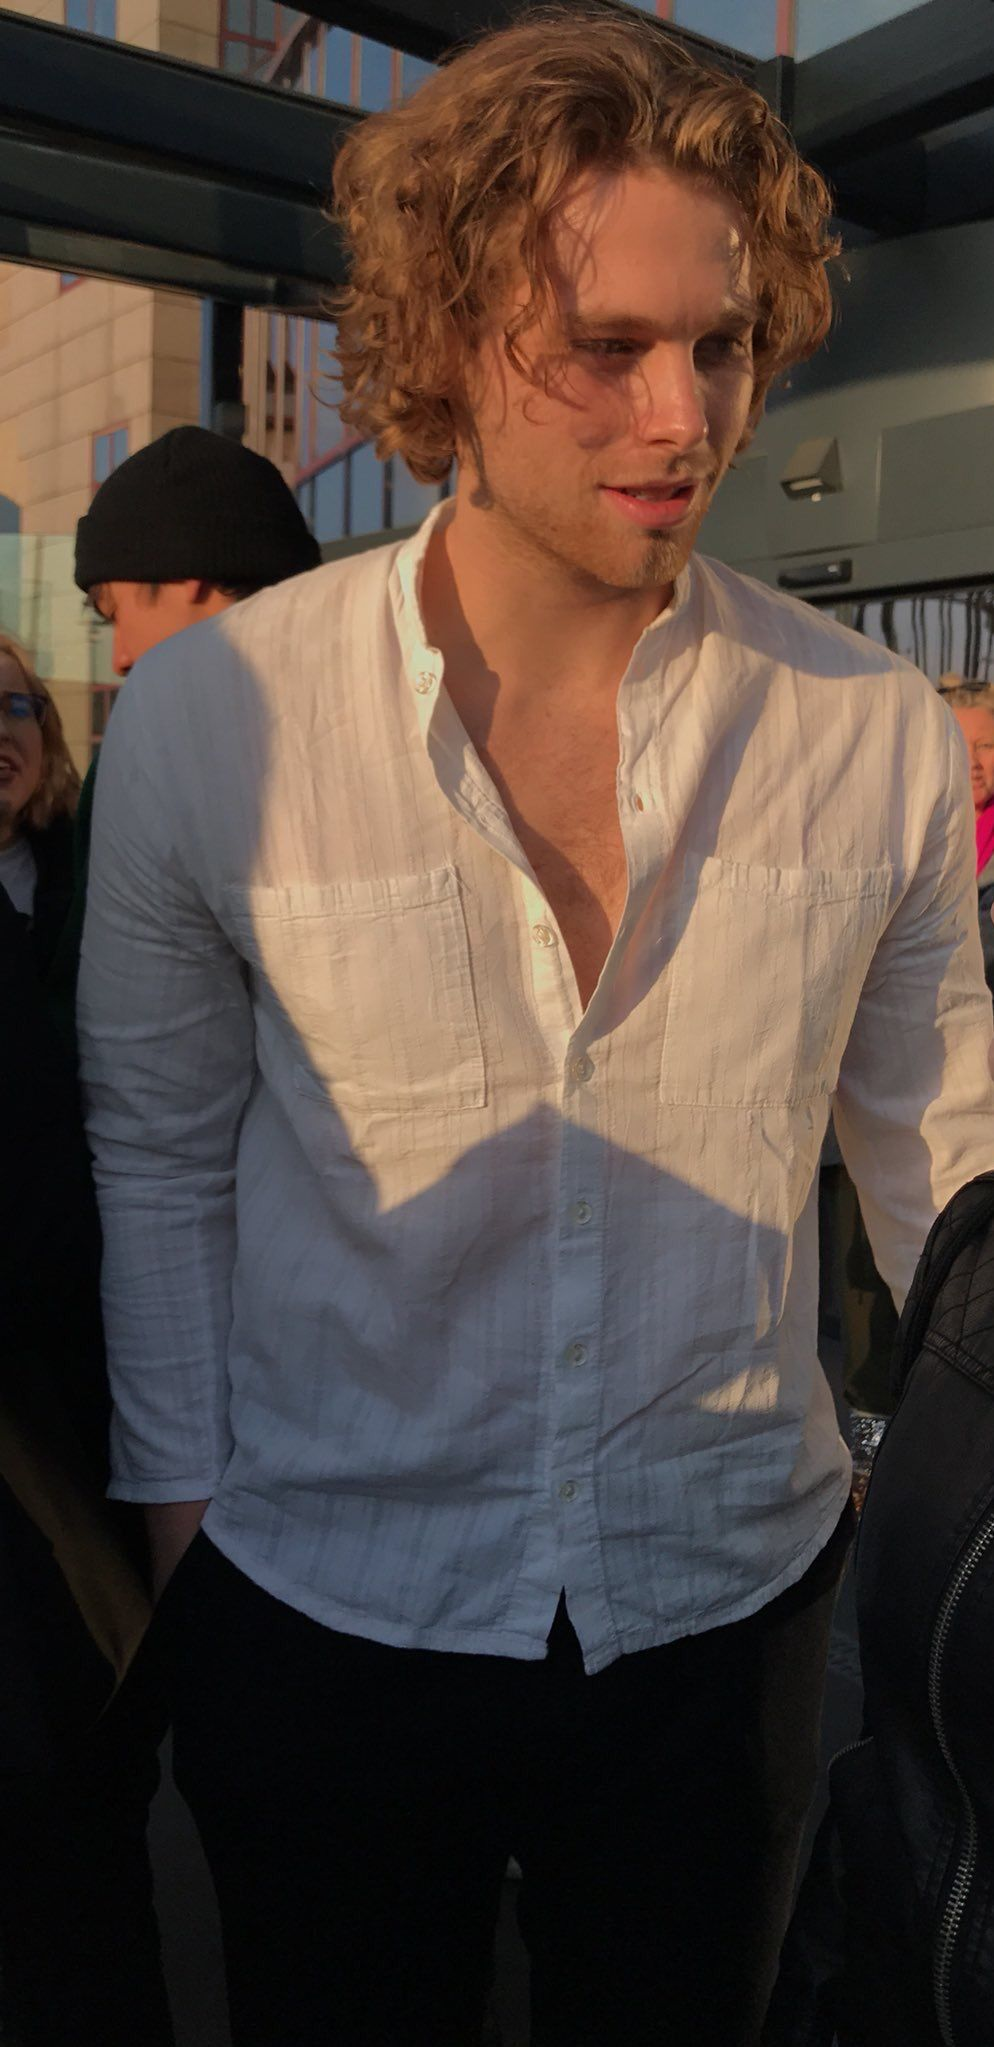 luke hemmings long hair slicked back white shirt | beige in